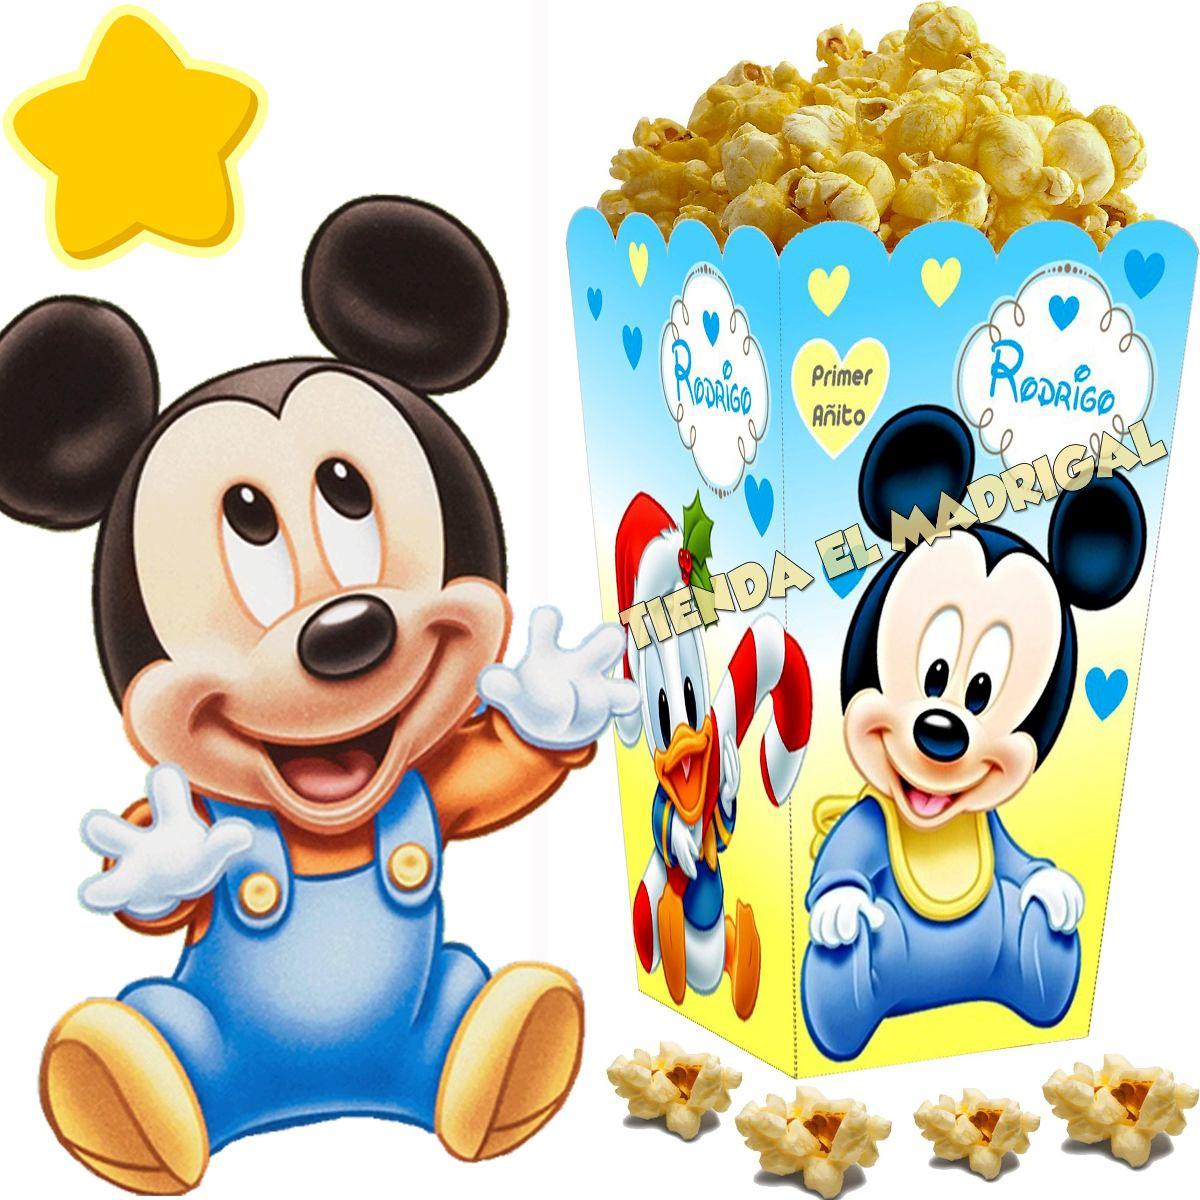 kit imprimible mickey bebe disney candy bar y cotillon 2x1 5490 en mercado libre - Bebe Disney